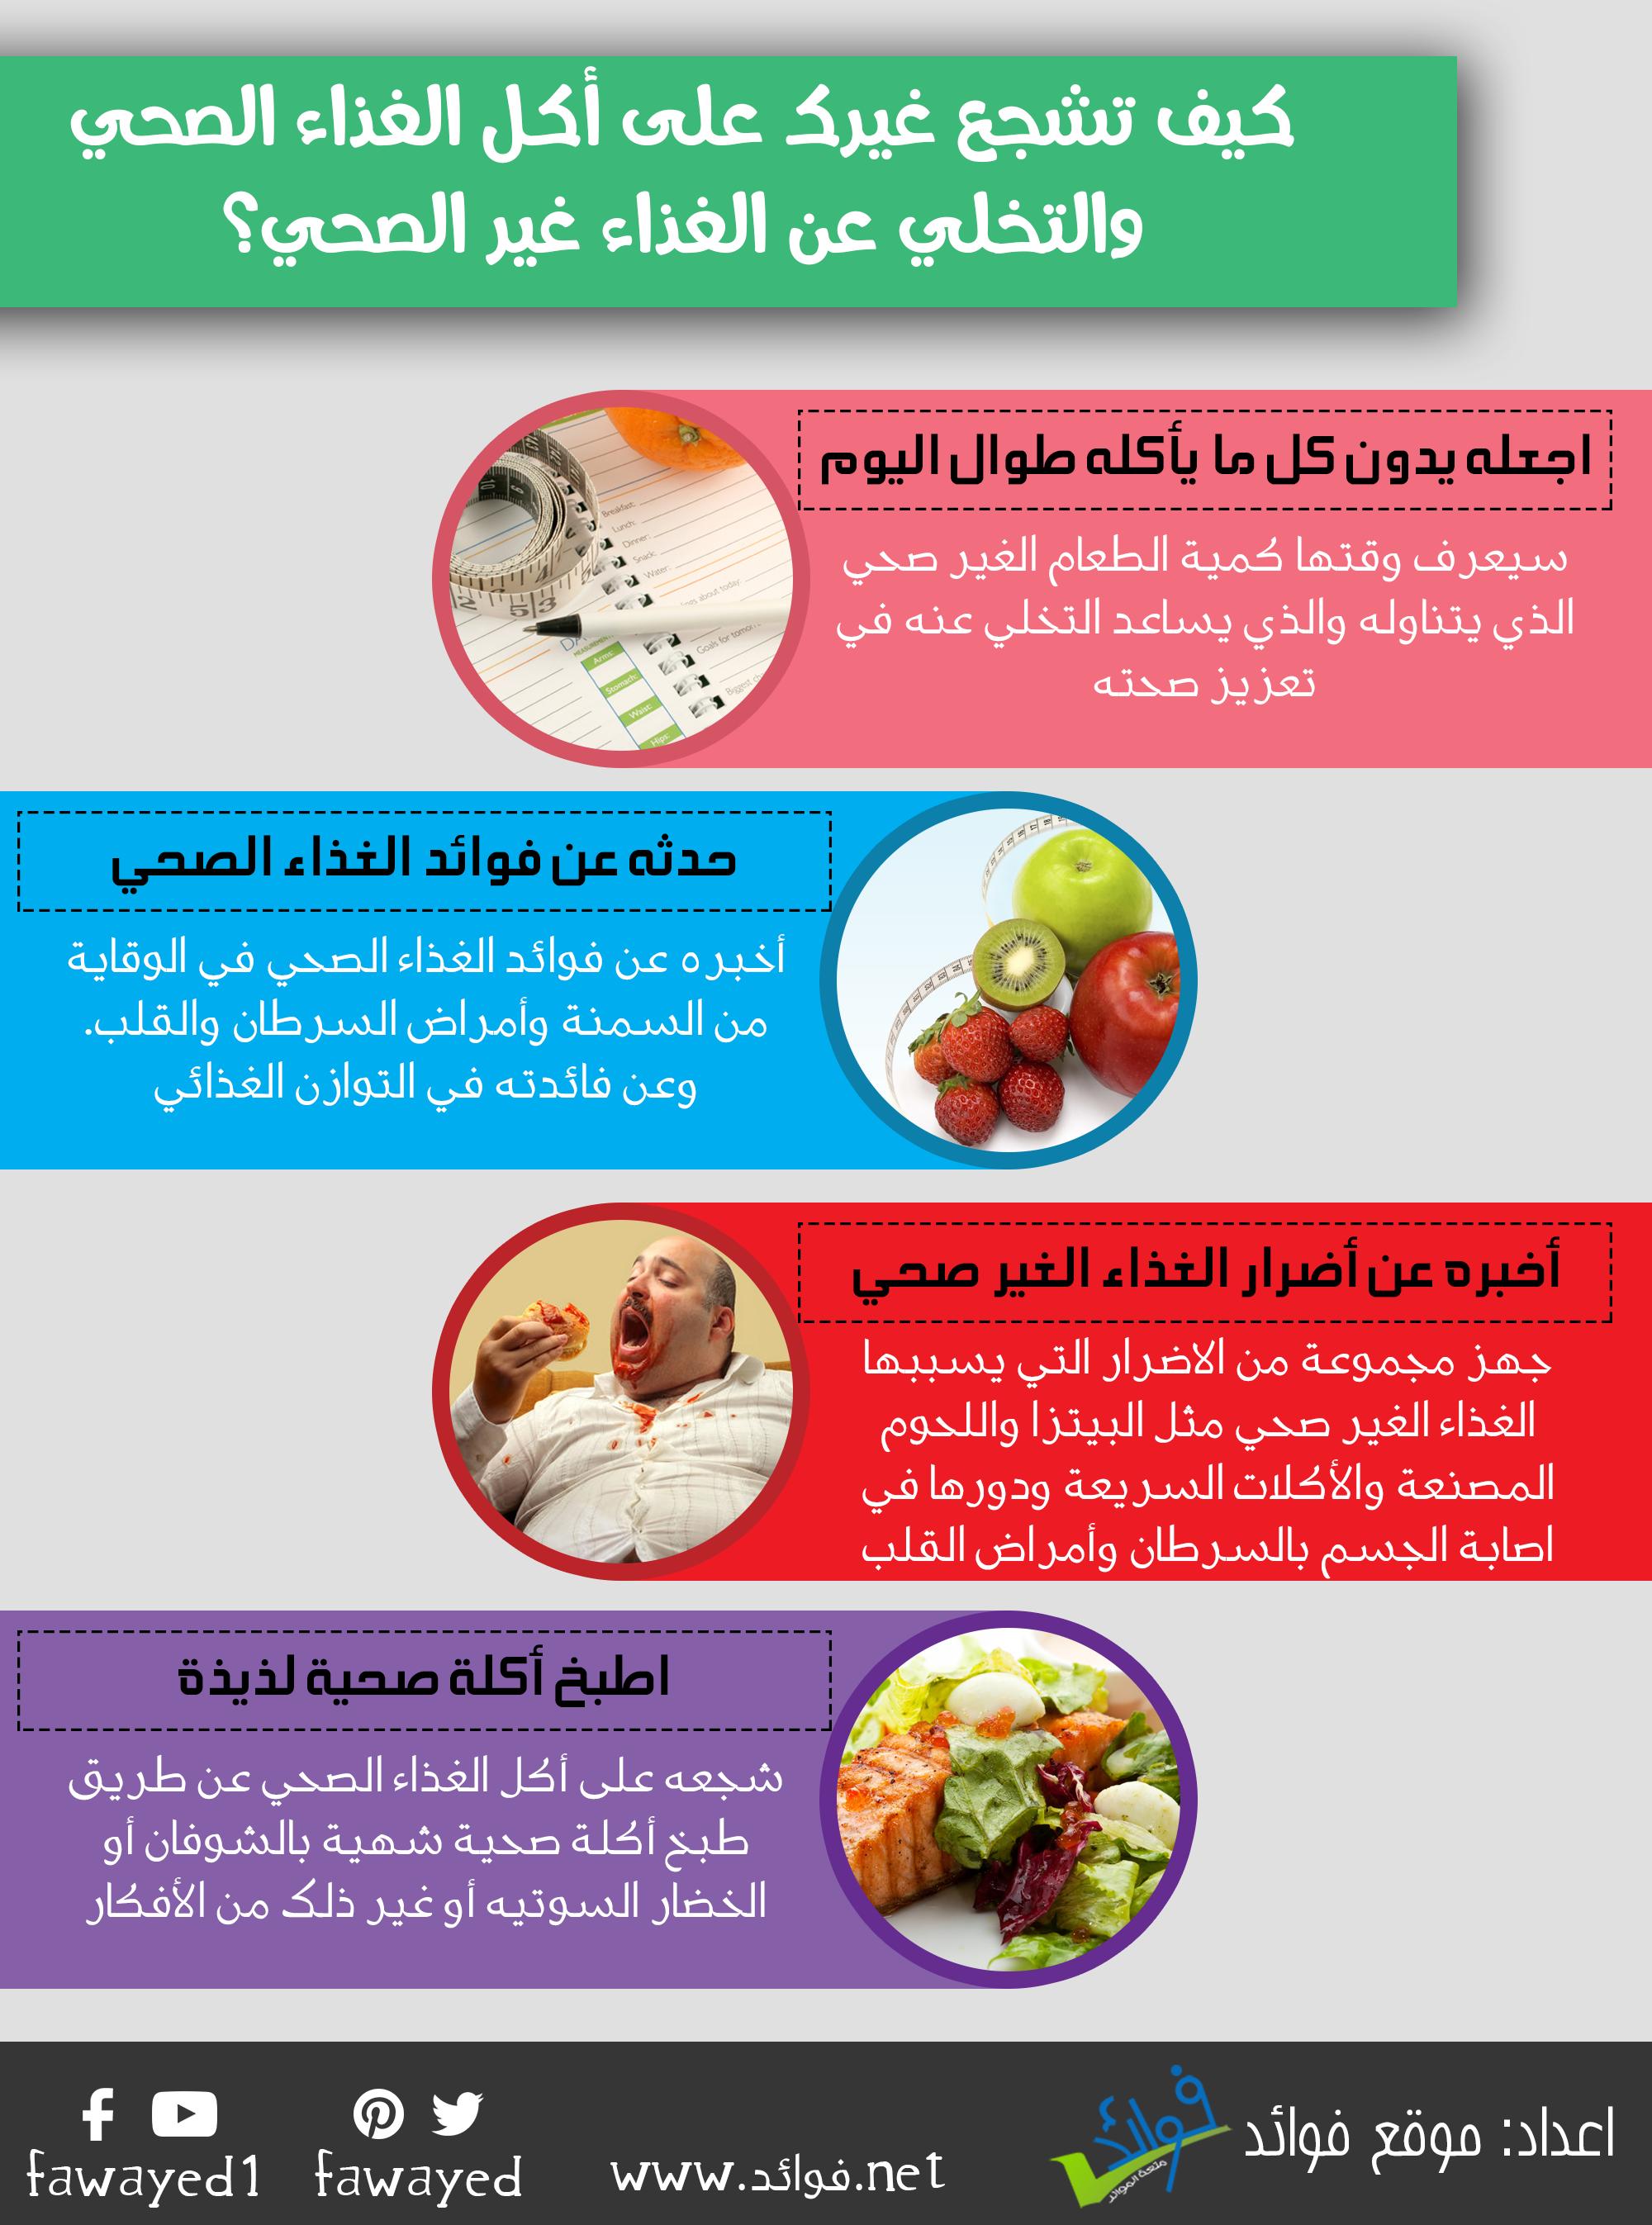 طعام غير صحي